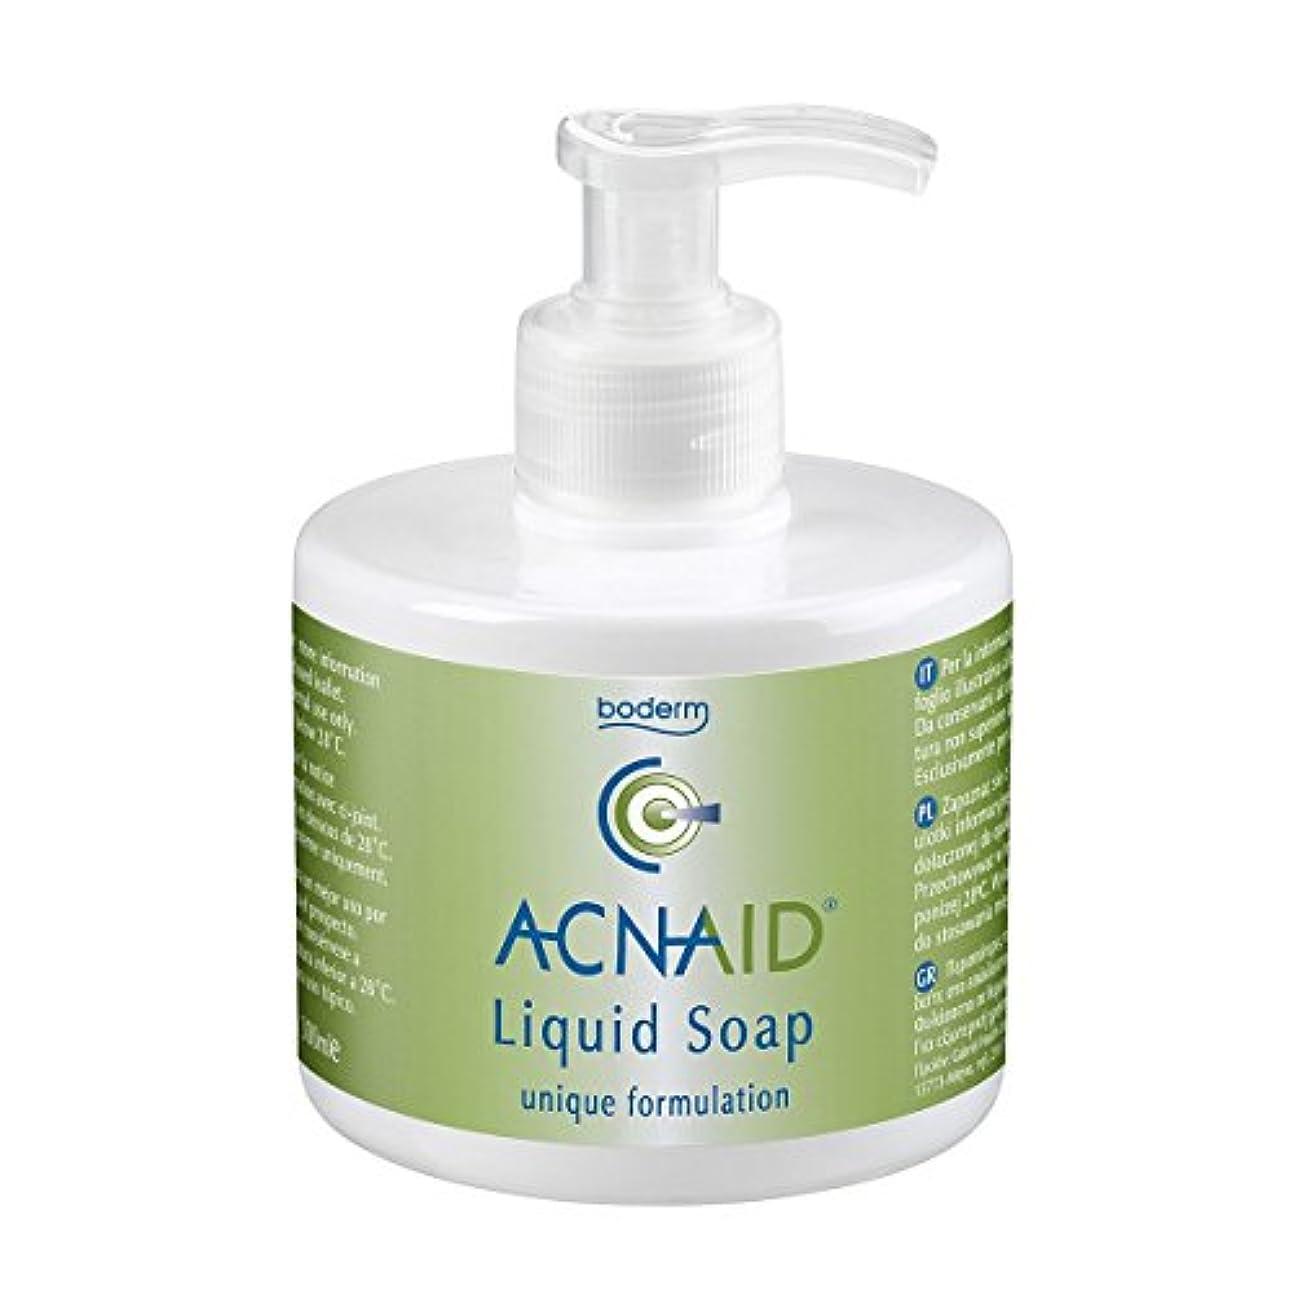 比較的震える巻き取りAcnaid Liquid Soap 300ml [並行輸入品]